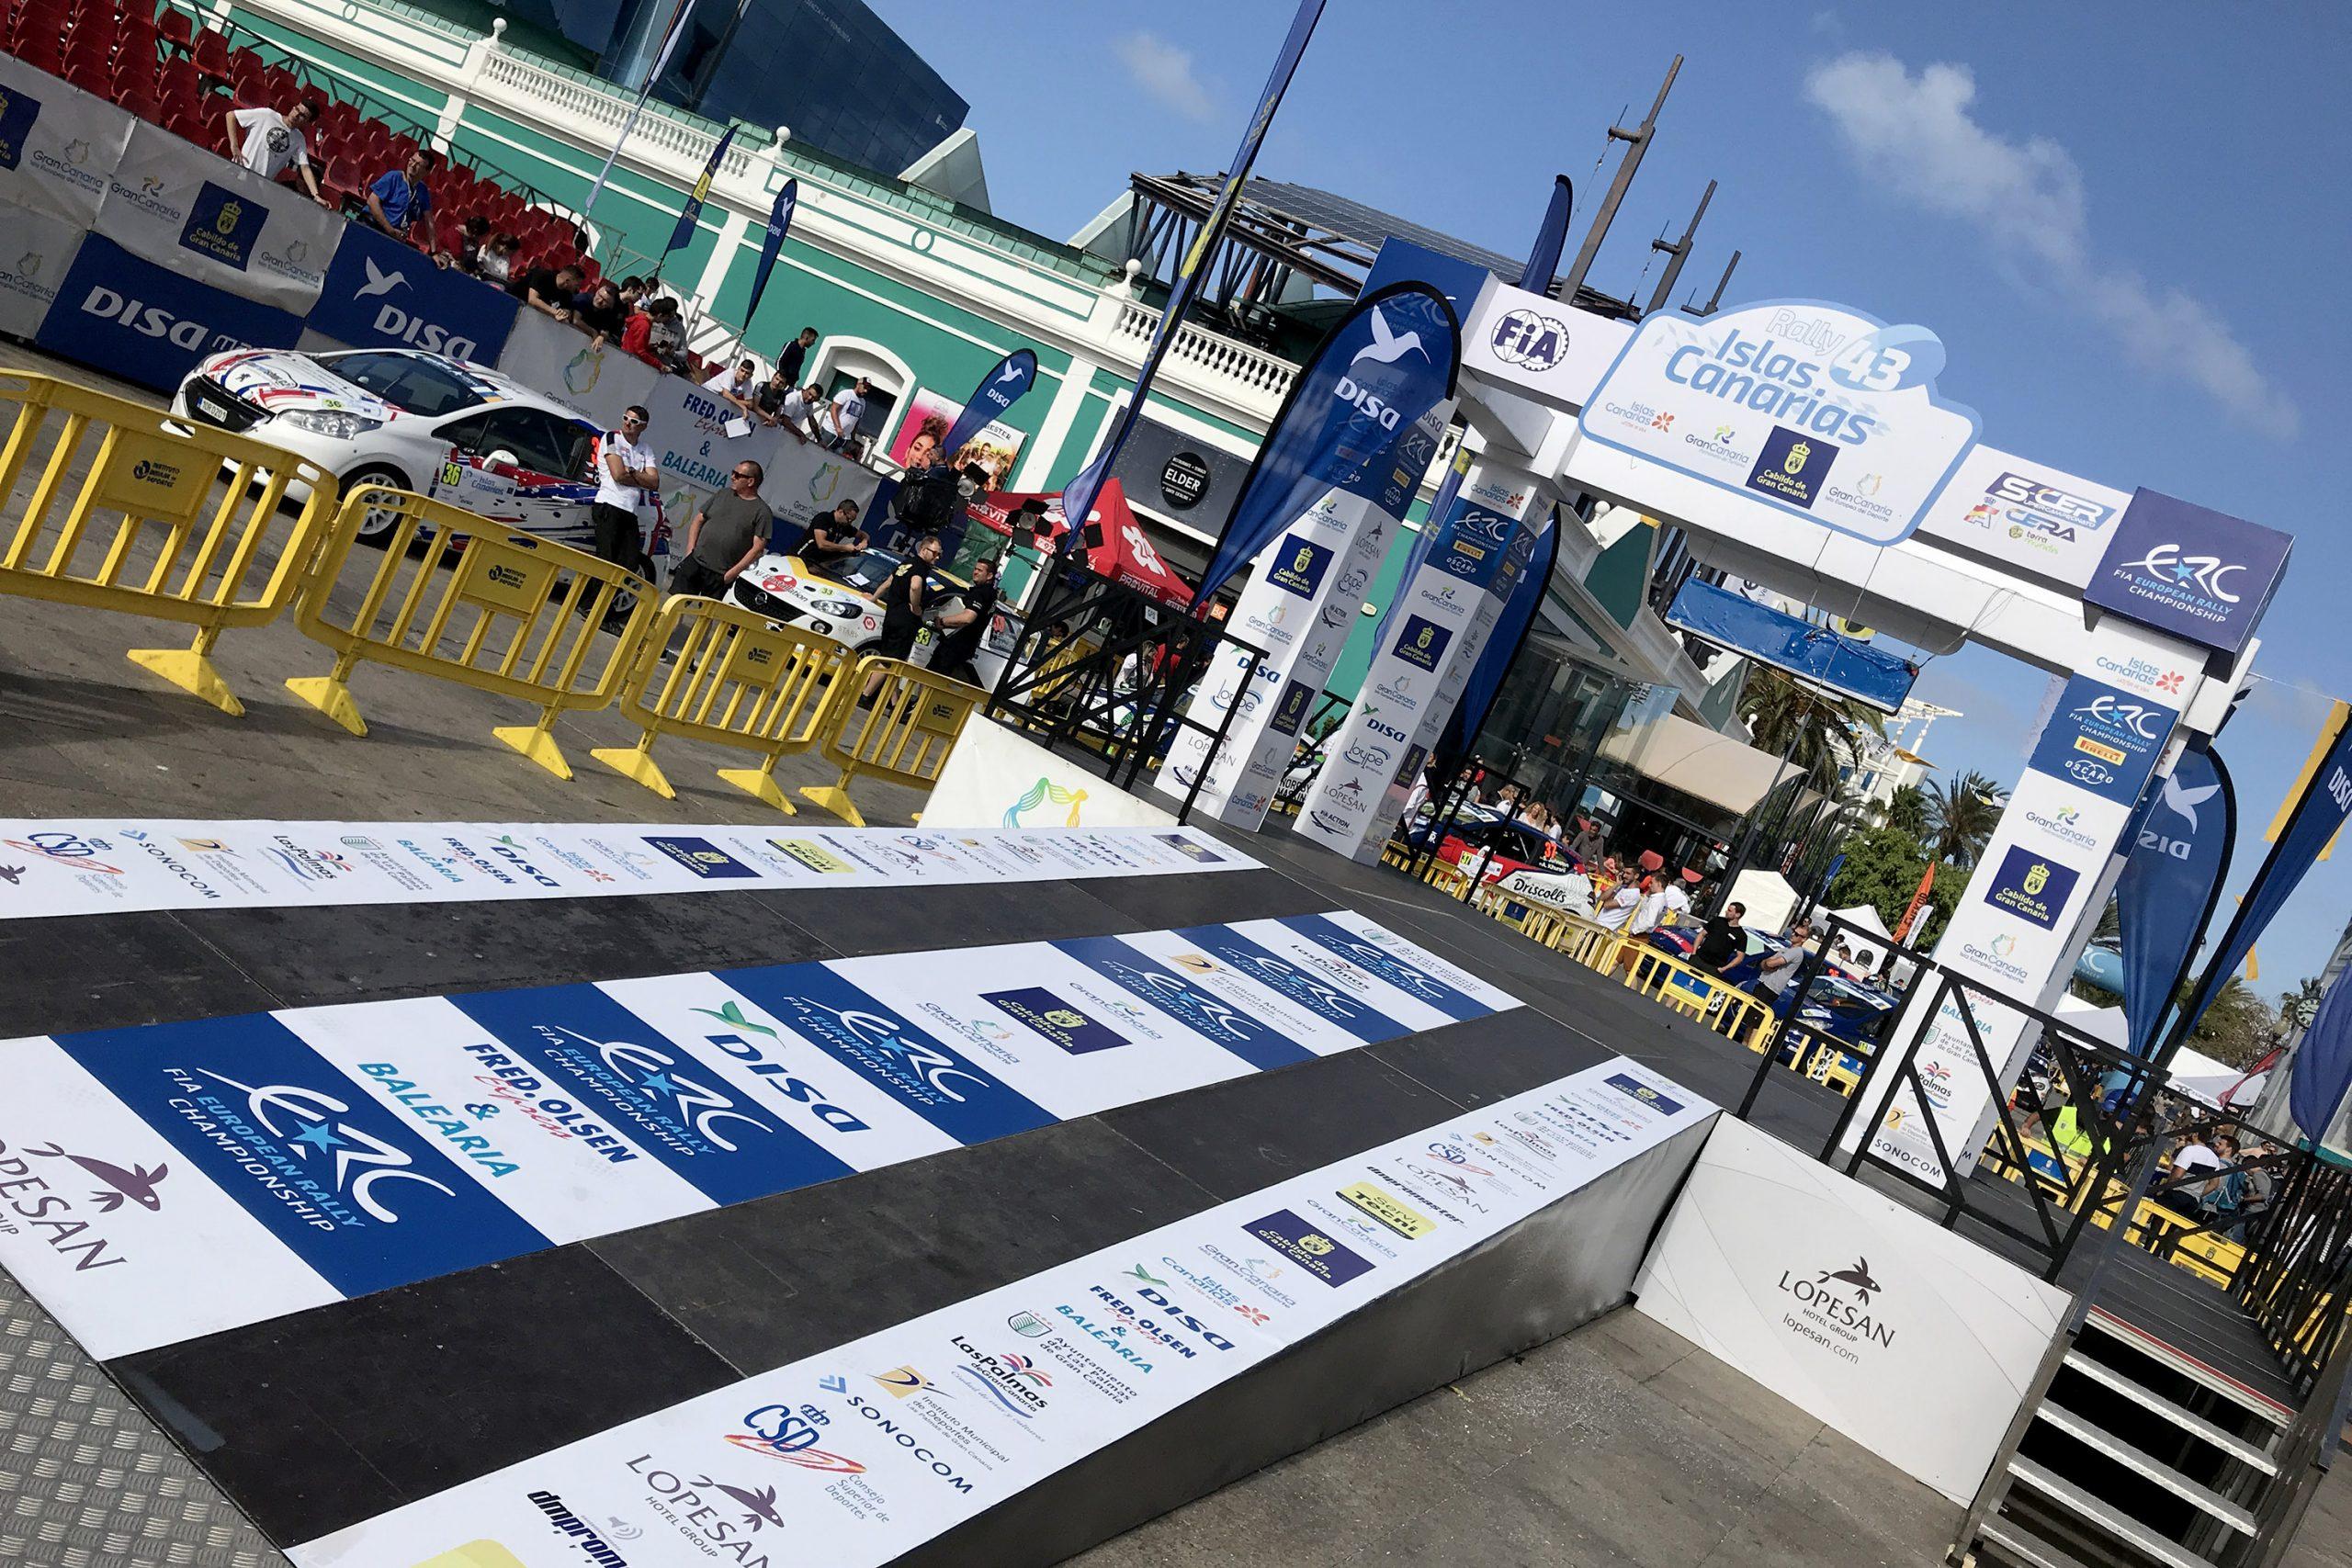 Llega la hora de la verdad para los equipos del Rally Islas Canarias Listas de inscritos Qualifying Stage y el Shakedown